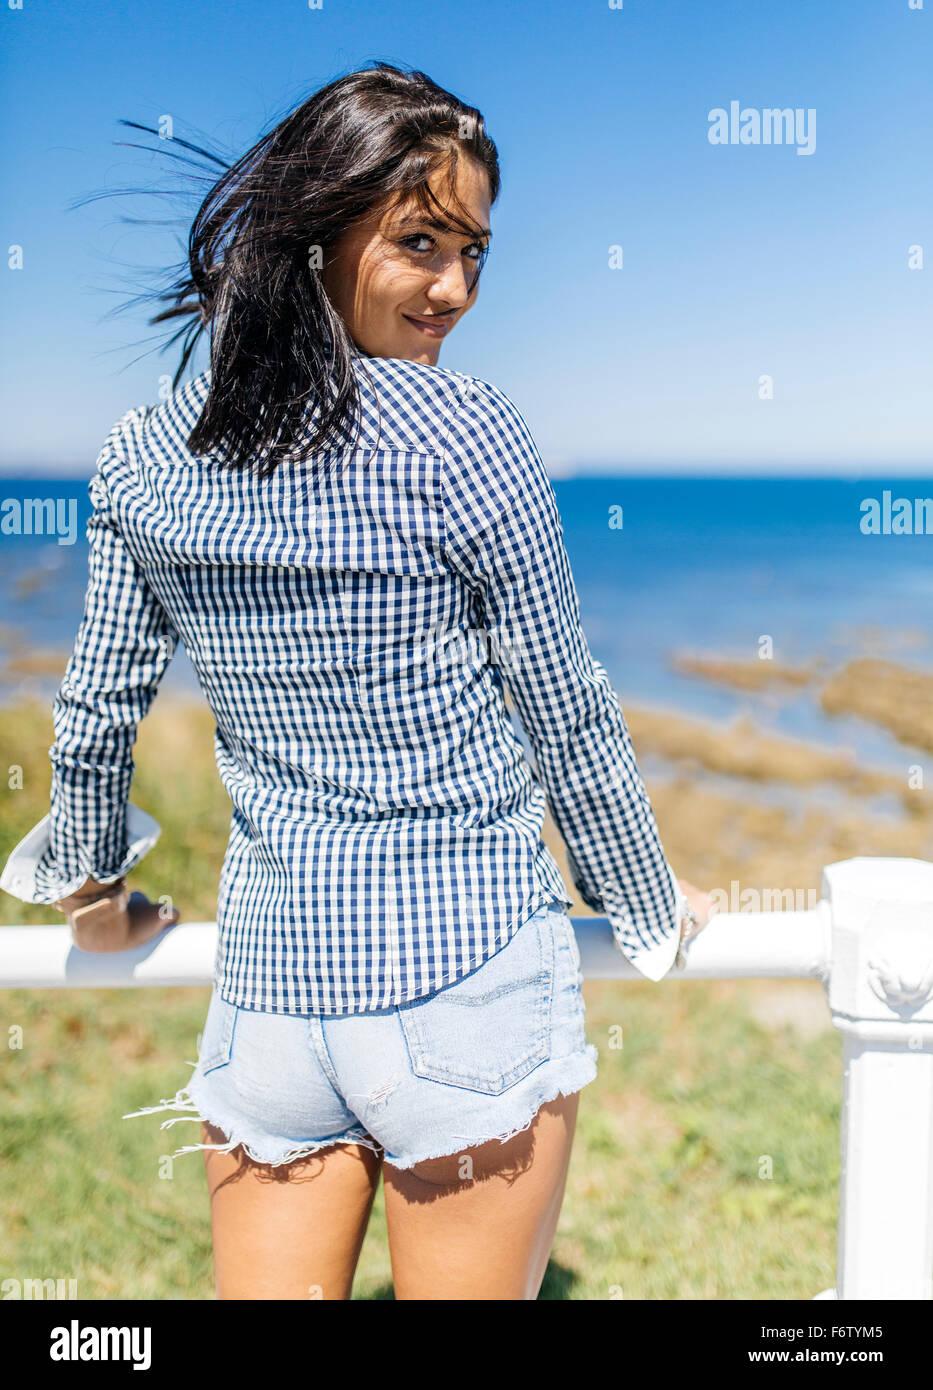 Spanien, Gijon, attraktive Teenager-Mädchen an der Küste Stockbild